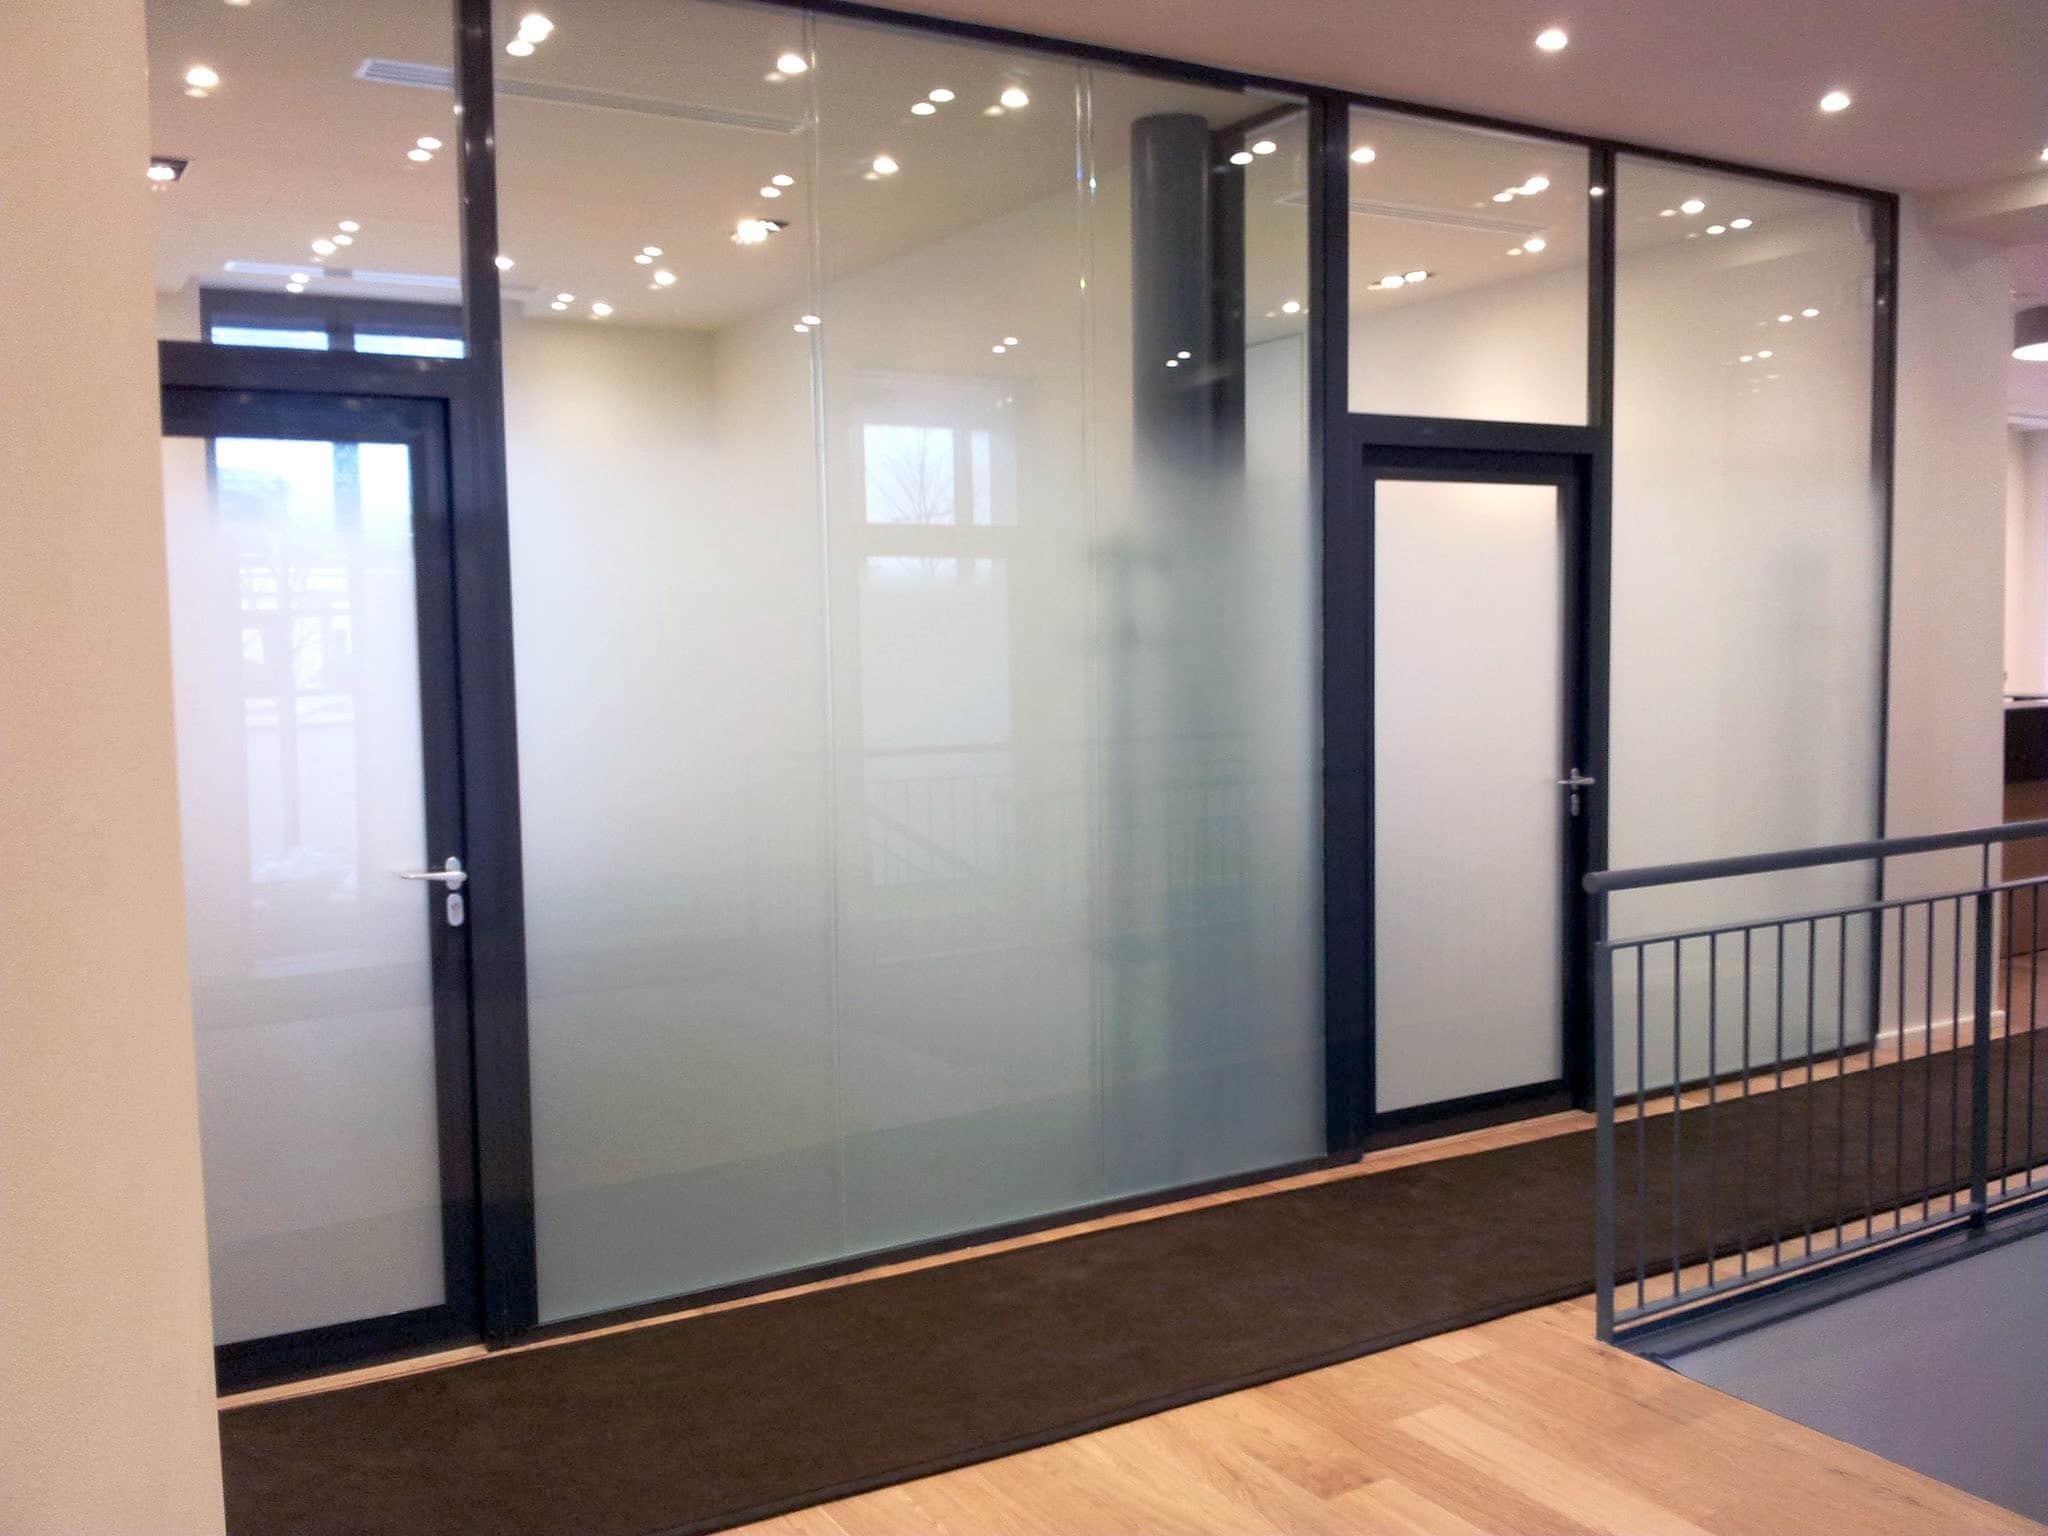 Cloison vitree interieure verrire duintrieur avec - Cloison vitree interieure ...